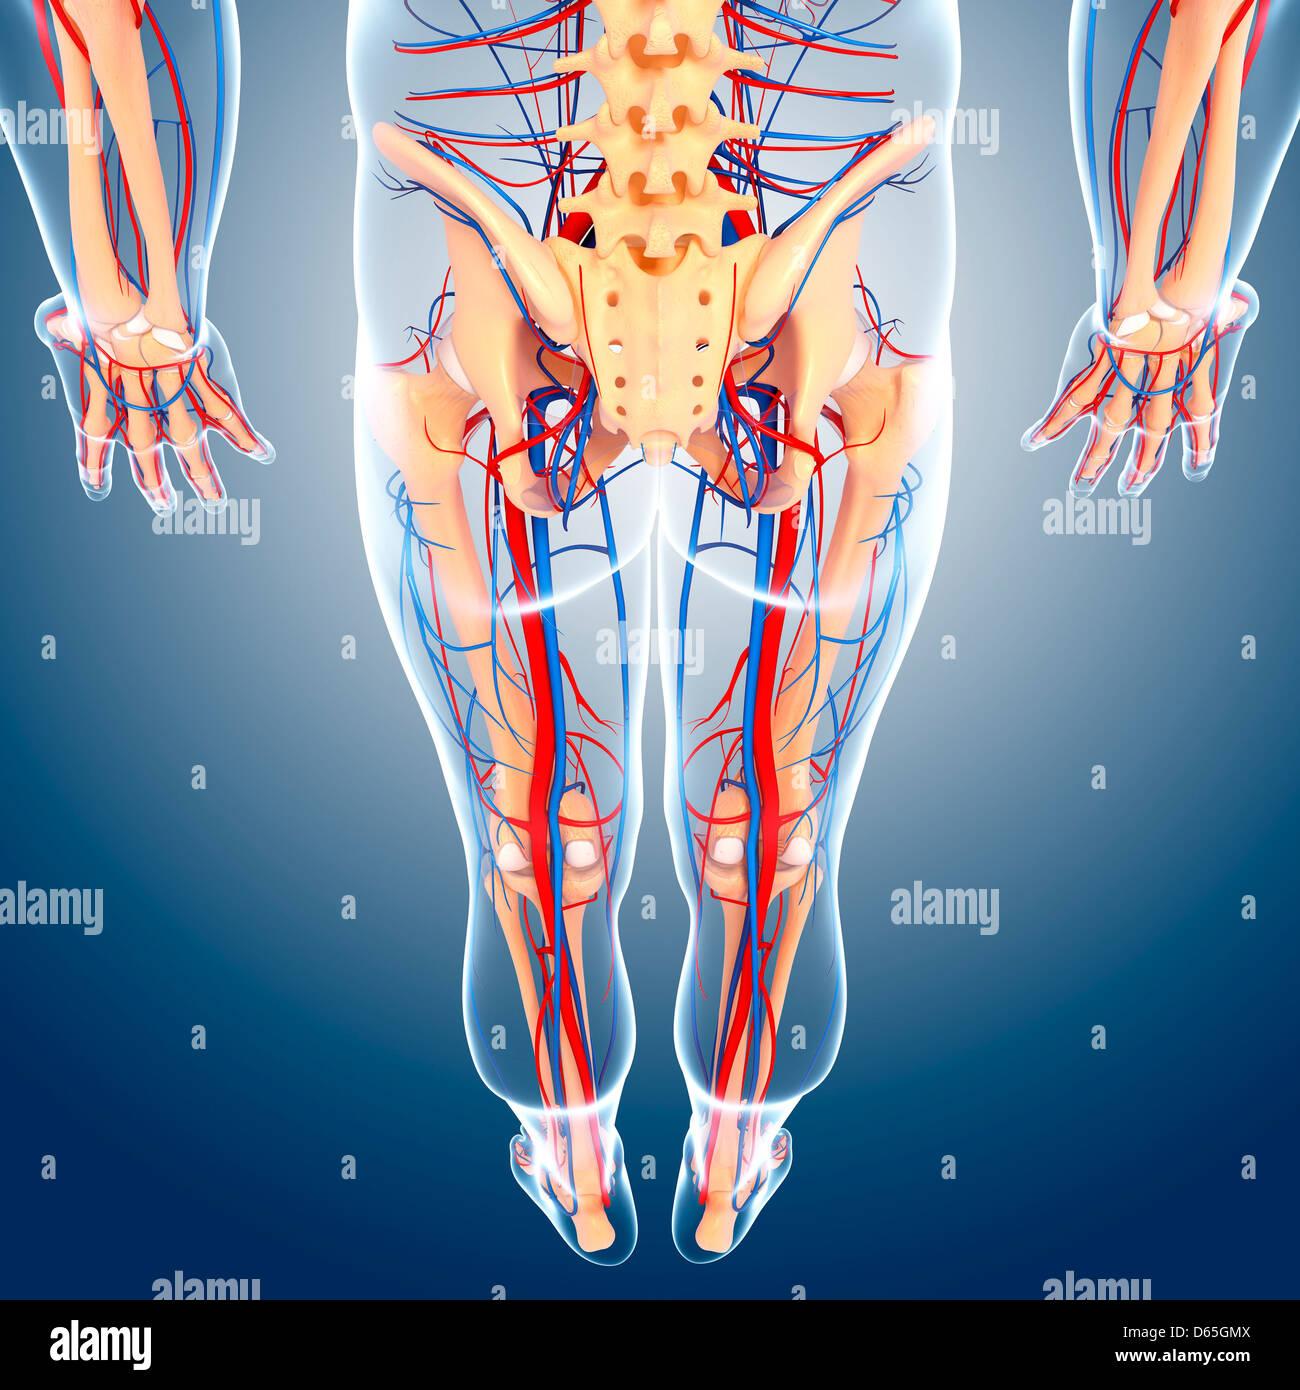 Unteren Körper Anatomie, artwork Stockfoto, Bild: 55441930 - Alamy